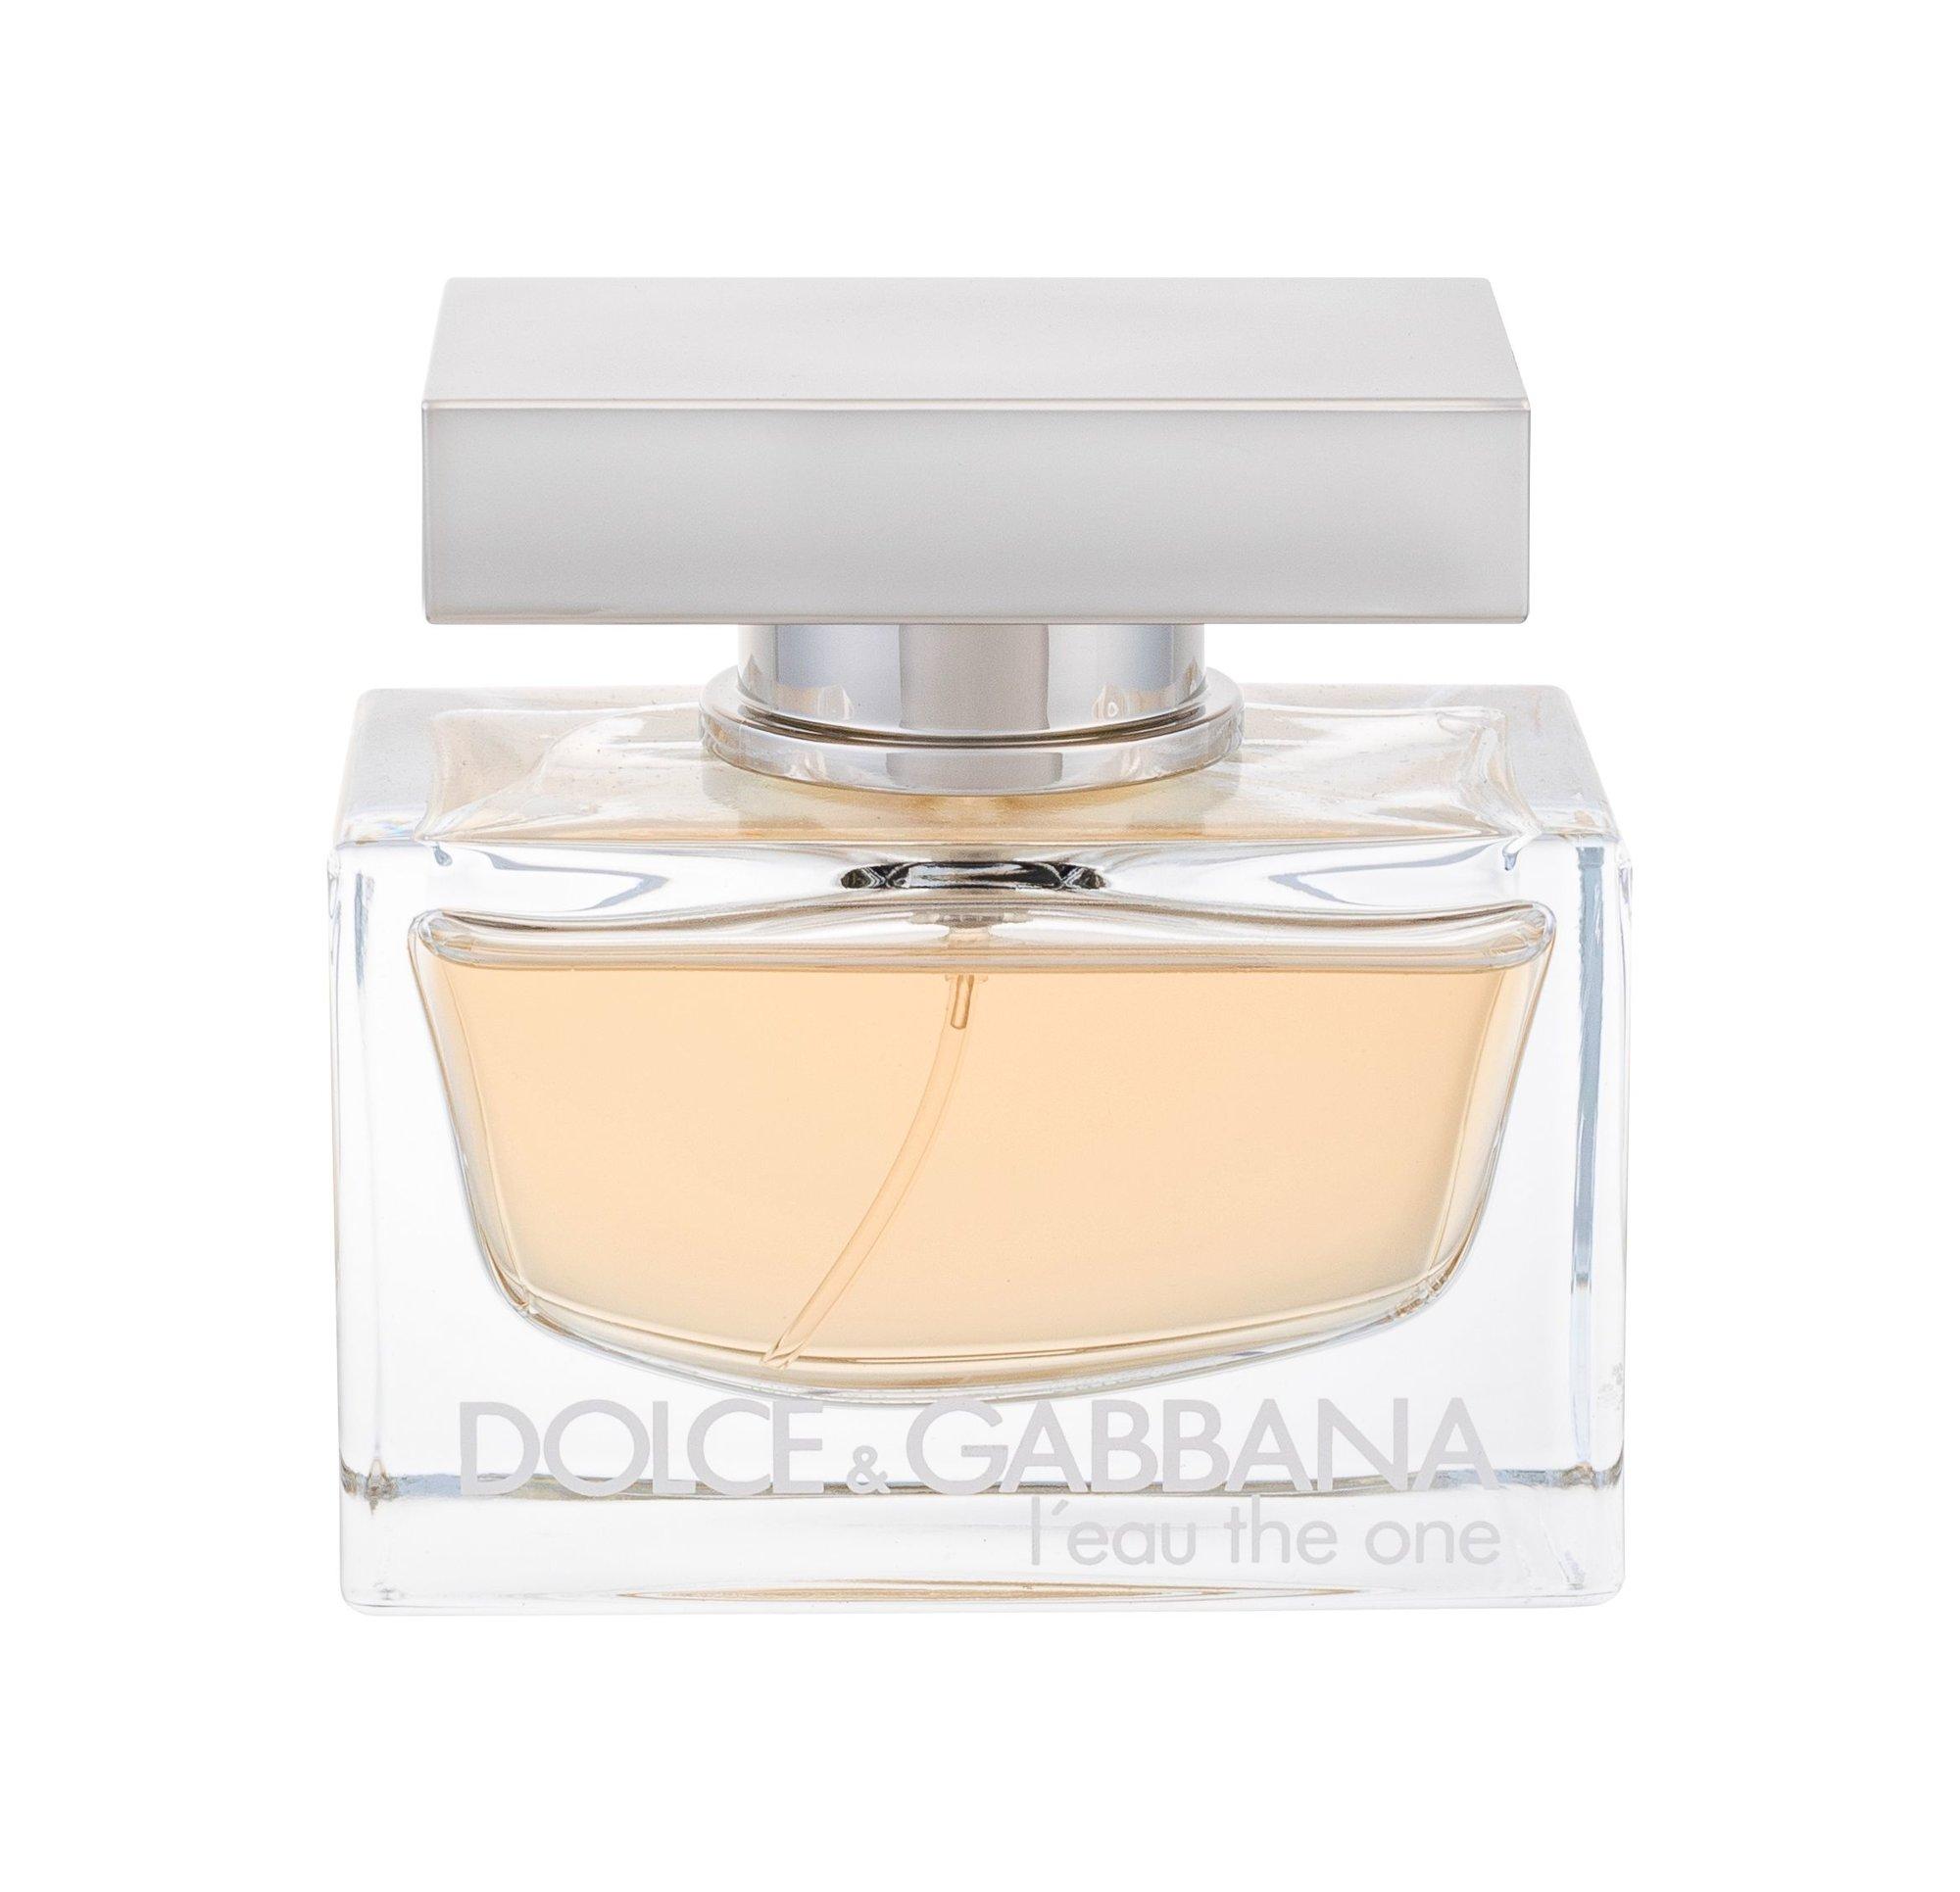 Dolce&Gabbana L´Eau The One Eau de Toilette 50ml